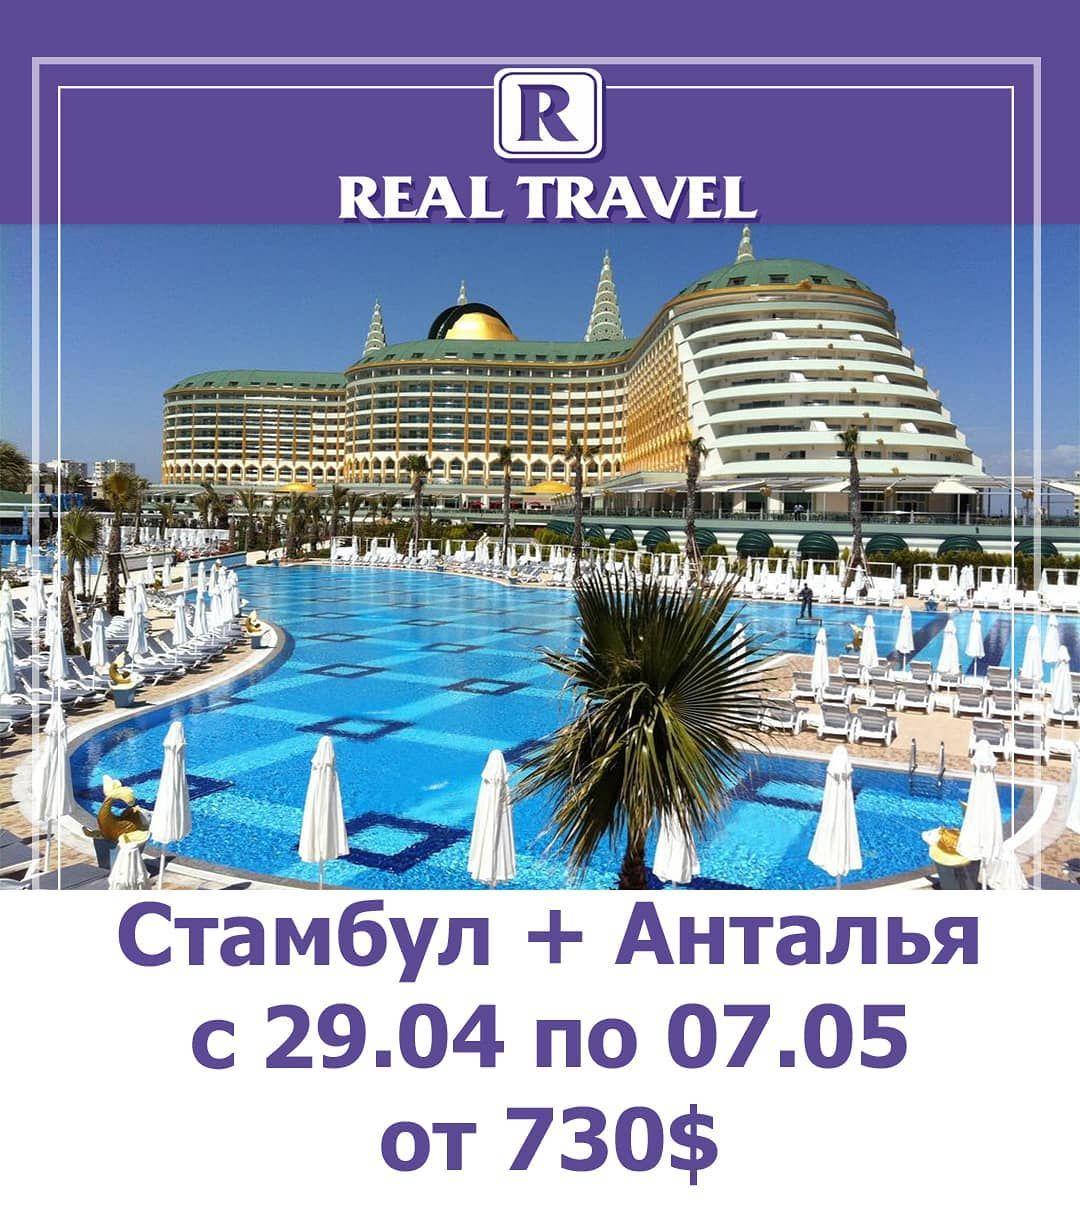 Kombitury 35 Stambul Antalya Data S 29 04 Po 07 05 Ares City Hotel Kemer 3 730 Armas Kombitury 35 Stambul Antalya City Hotel Beach Hotels Beach Resorts